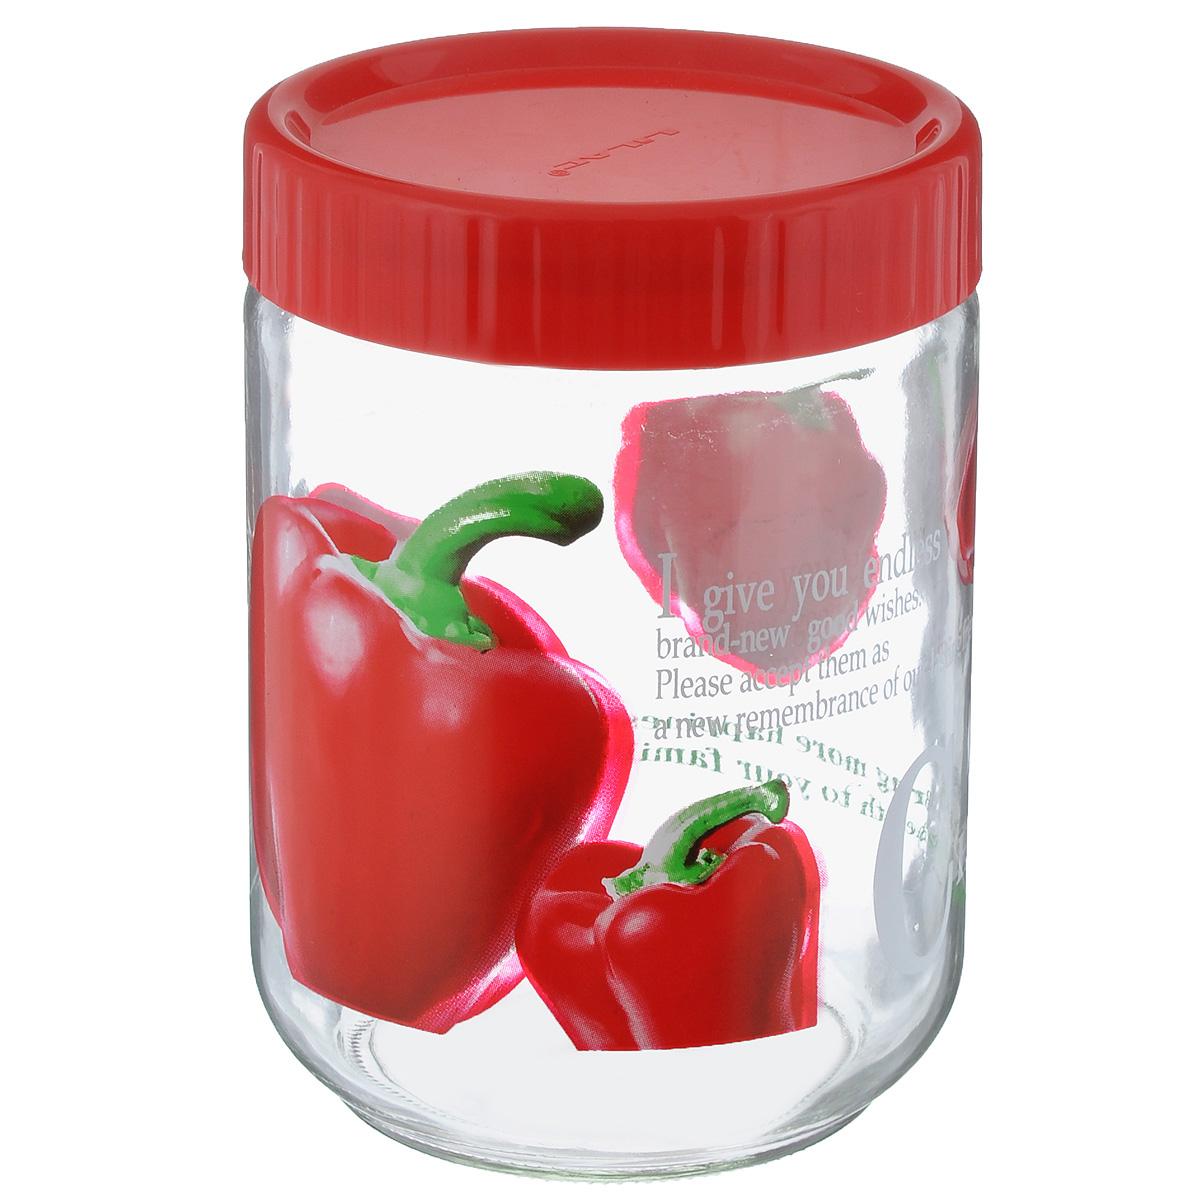 Банка для сыпучих продуктов Lilac, цвет: прозрачный, красный, 1,2 лLLSE71200_красныйБанка Lilac изготовлена из стекла. Емкость снабжена пластиковой крышкой, которая плотно и герметично закрывается, дольше сохраняя аромат и свежесть содержимого. Банка подходит для хранения сыпучих продуктов: круп, специй, сахара, соли. Такая банка станет полезным приобретением и пригодится на любой кухне.